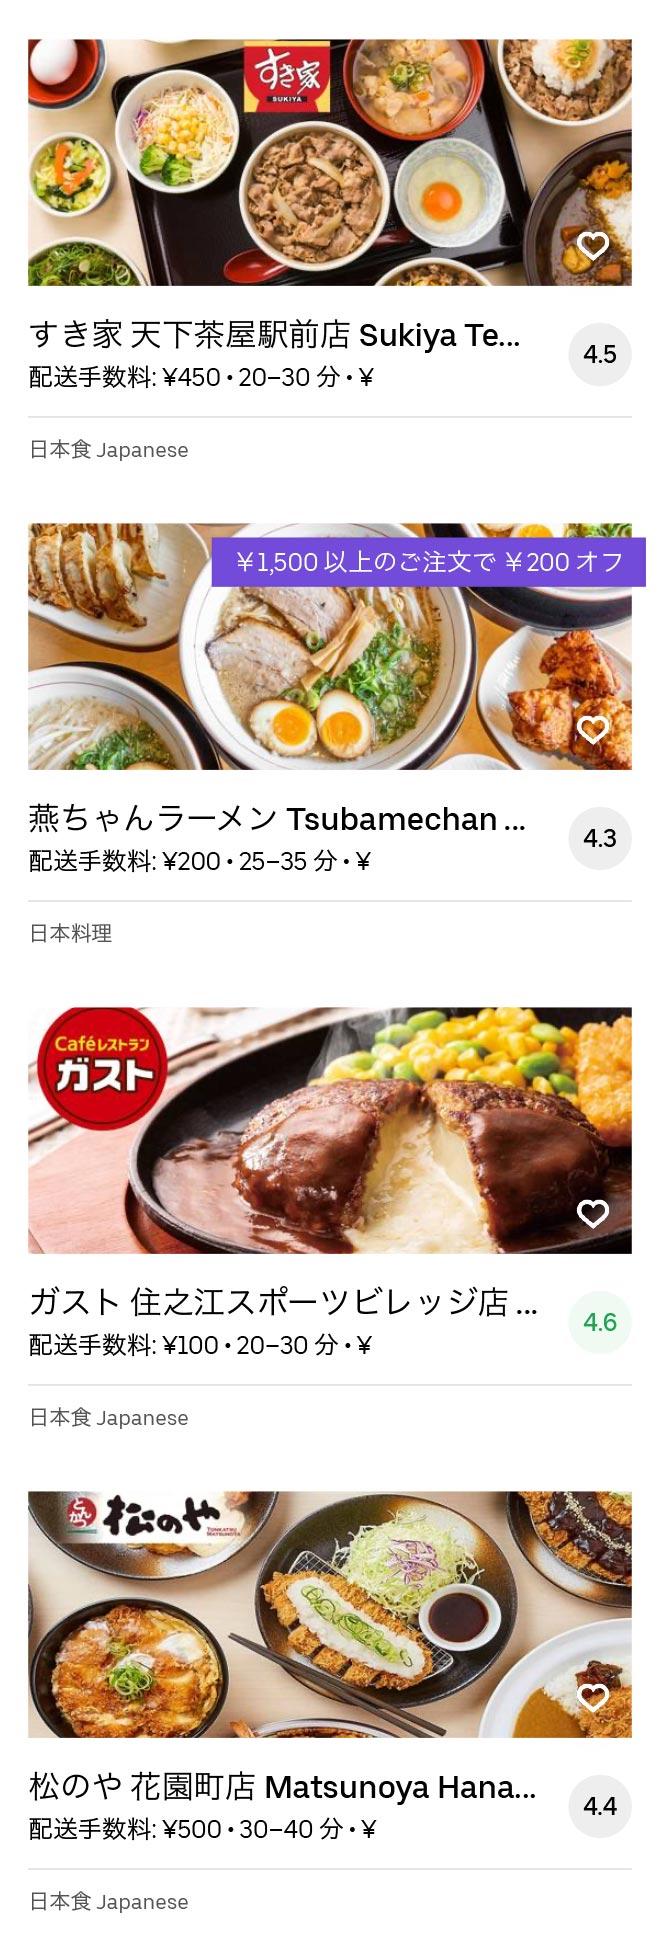 Osaka suminoe menu 2005 04